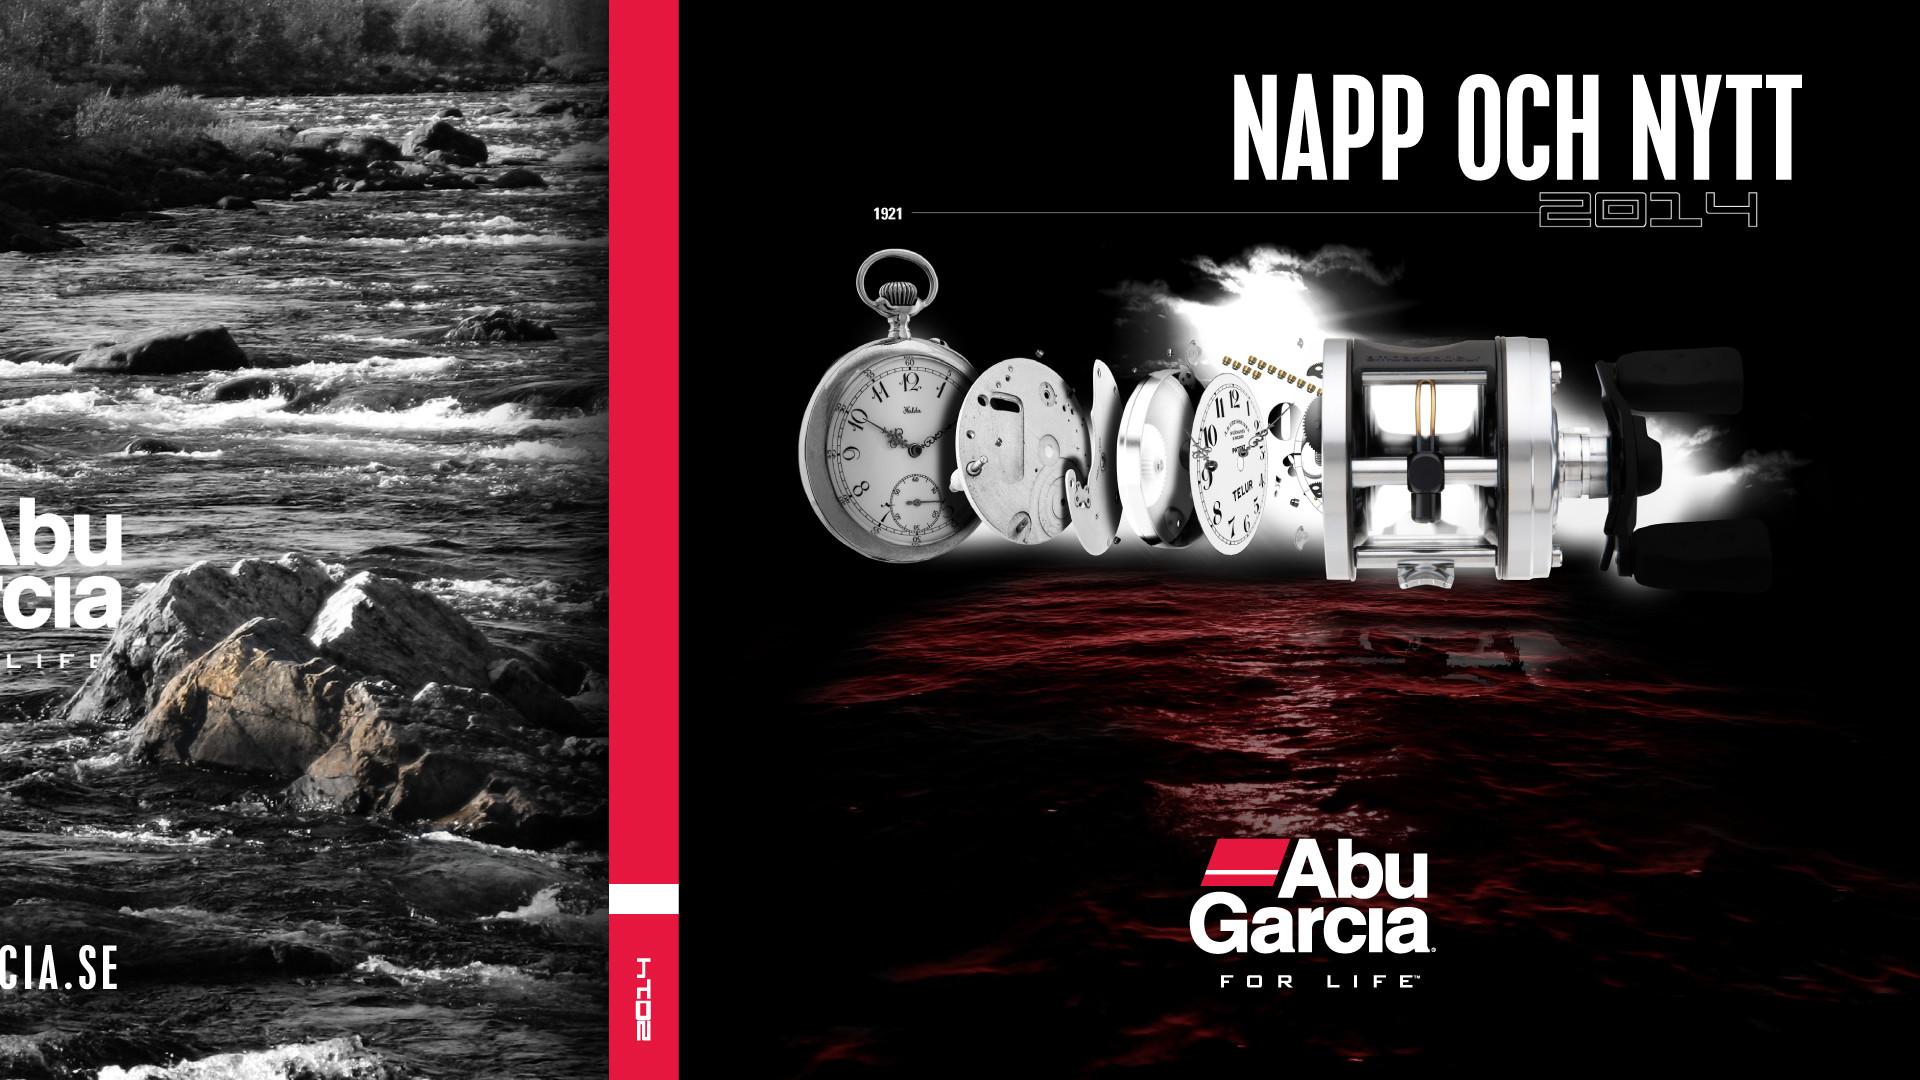 Abu Garcia Wallpaper (40+ images)